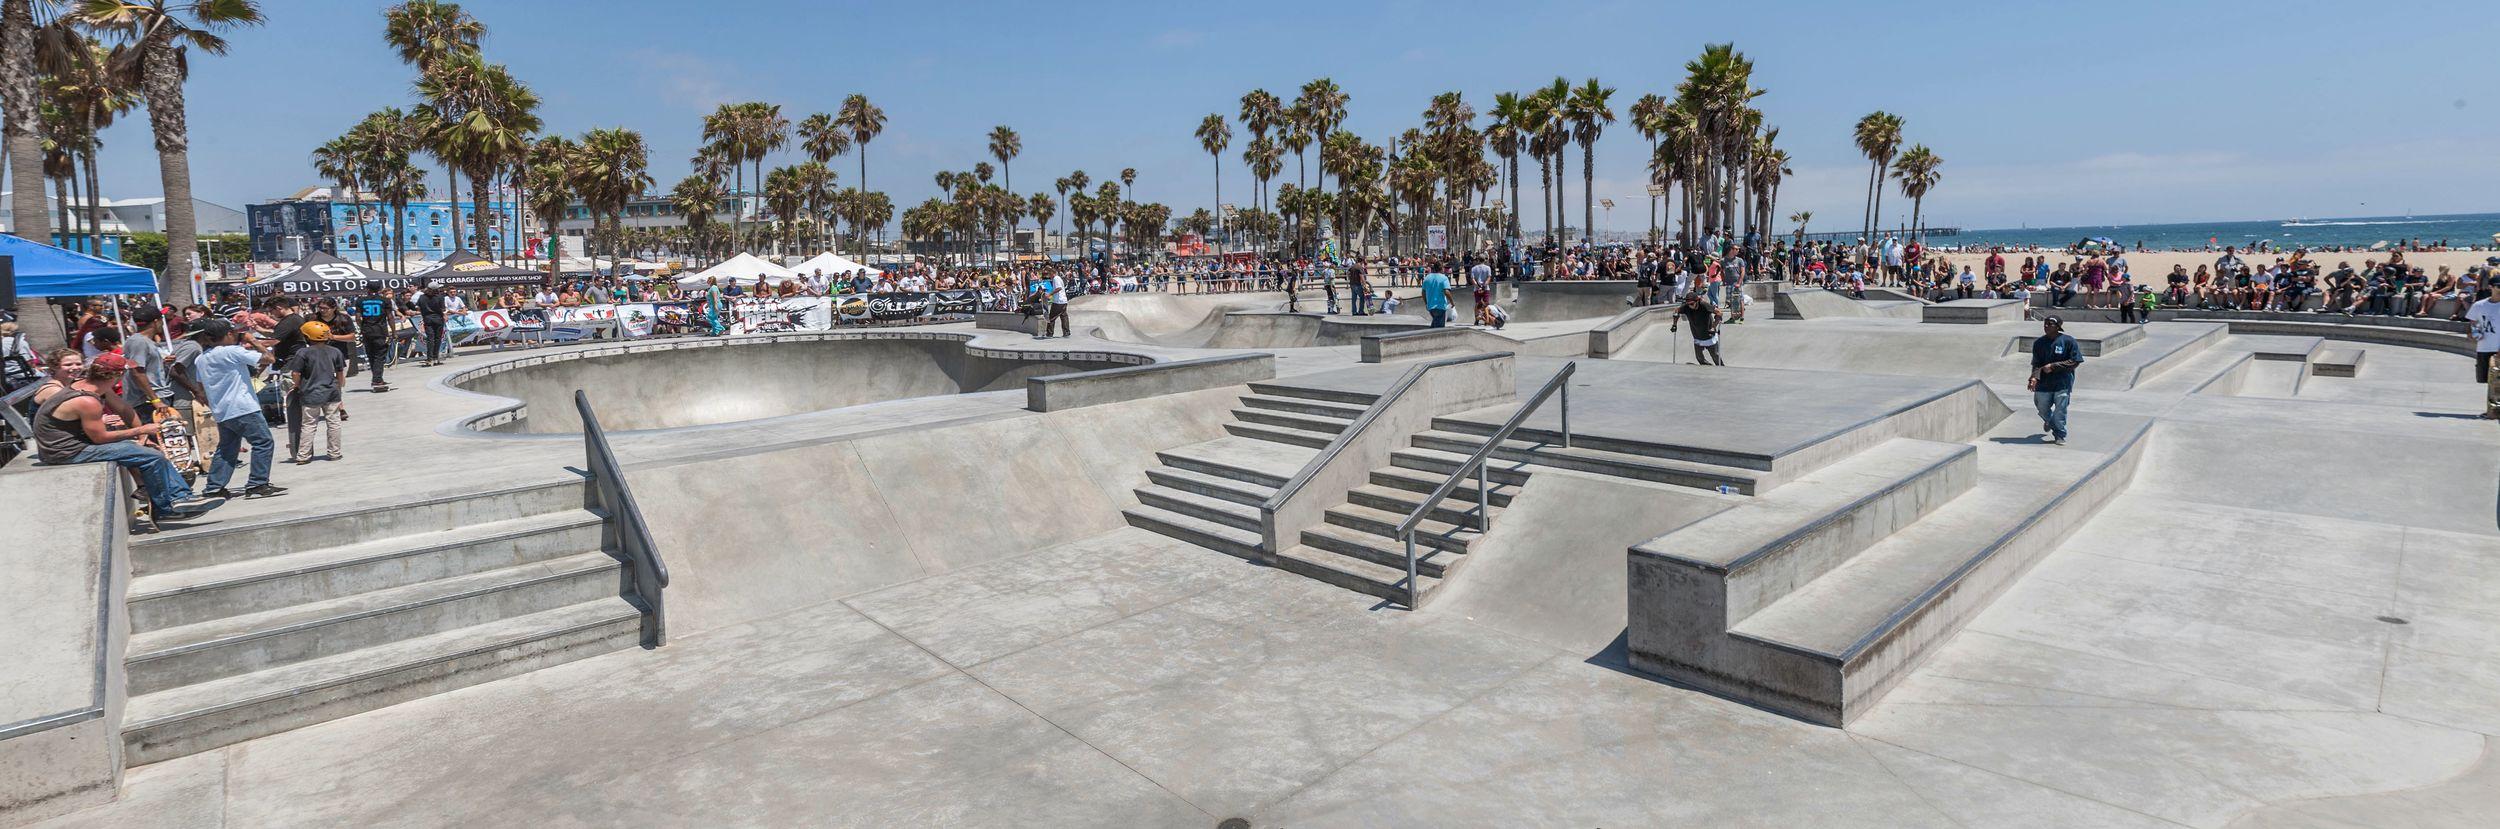 Cali Amateur Skate Board Contest (40)_stitch.jpg